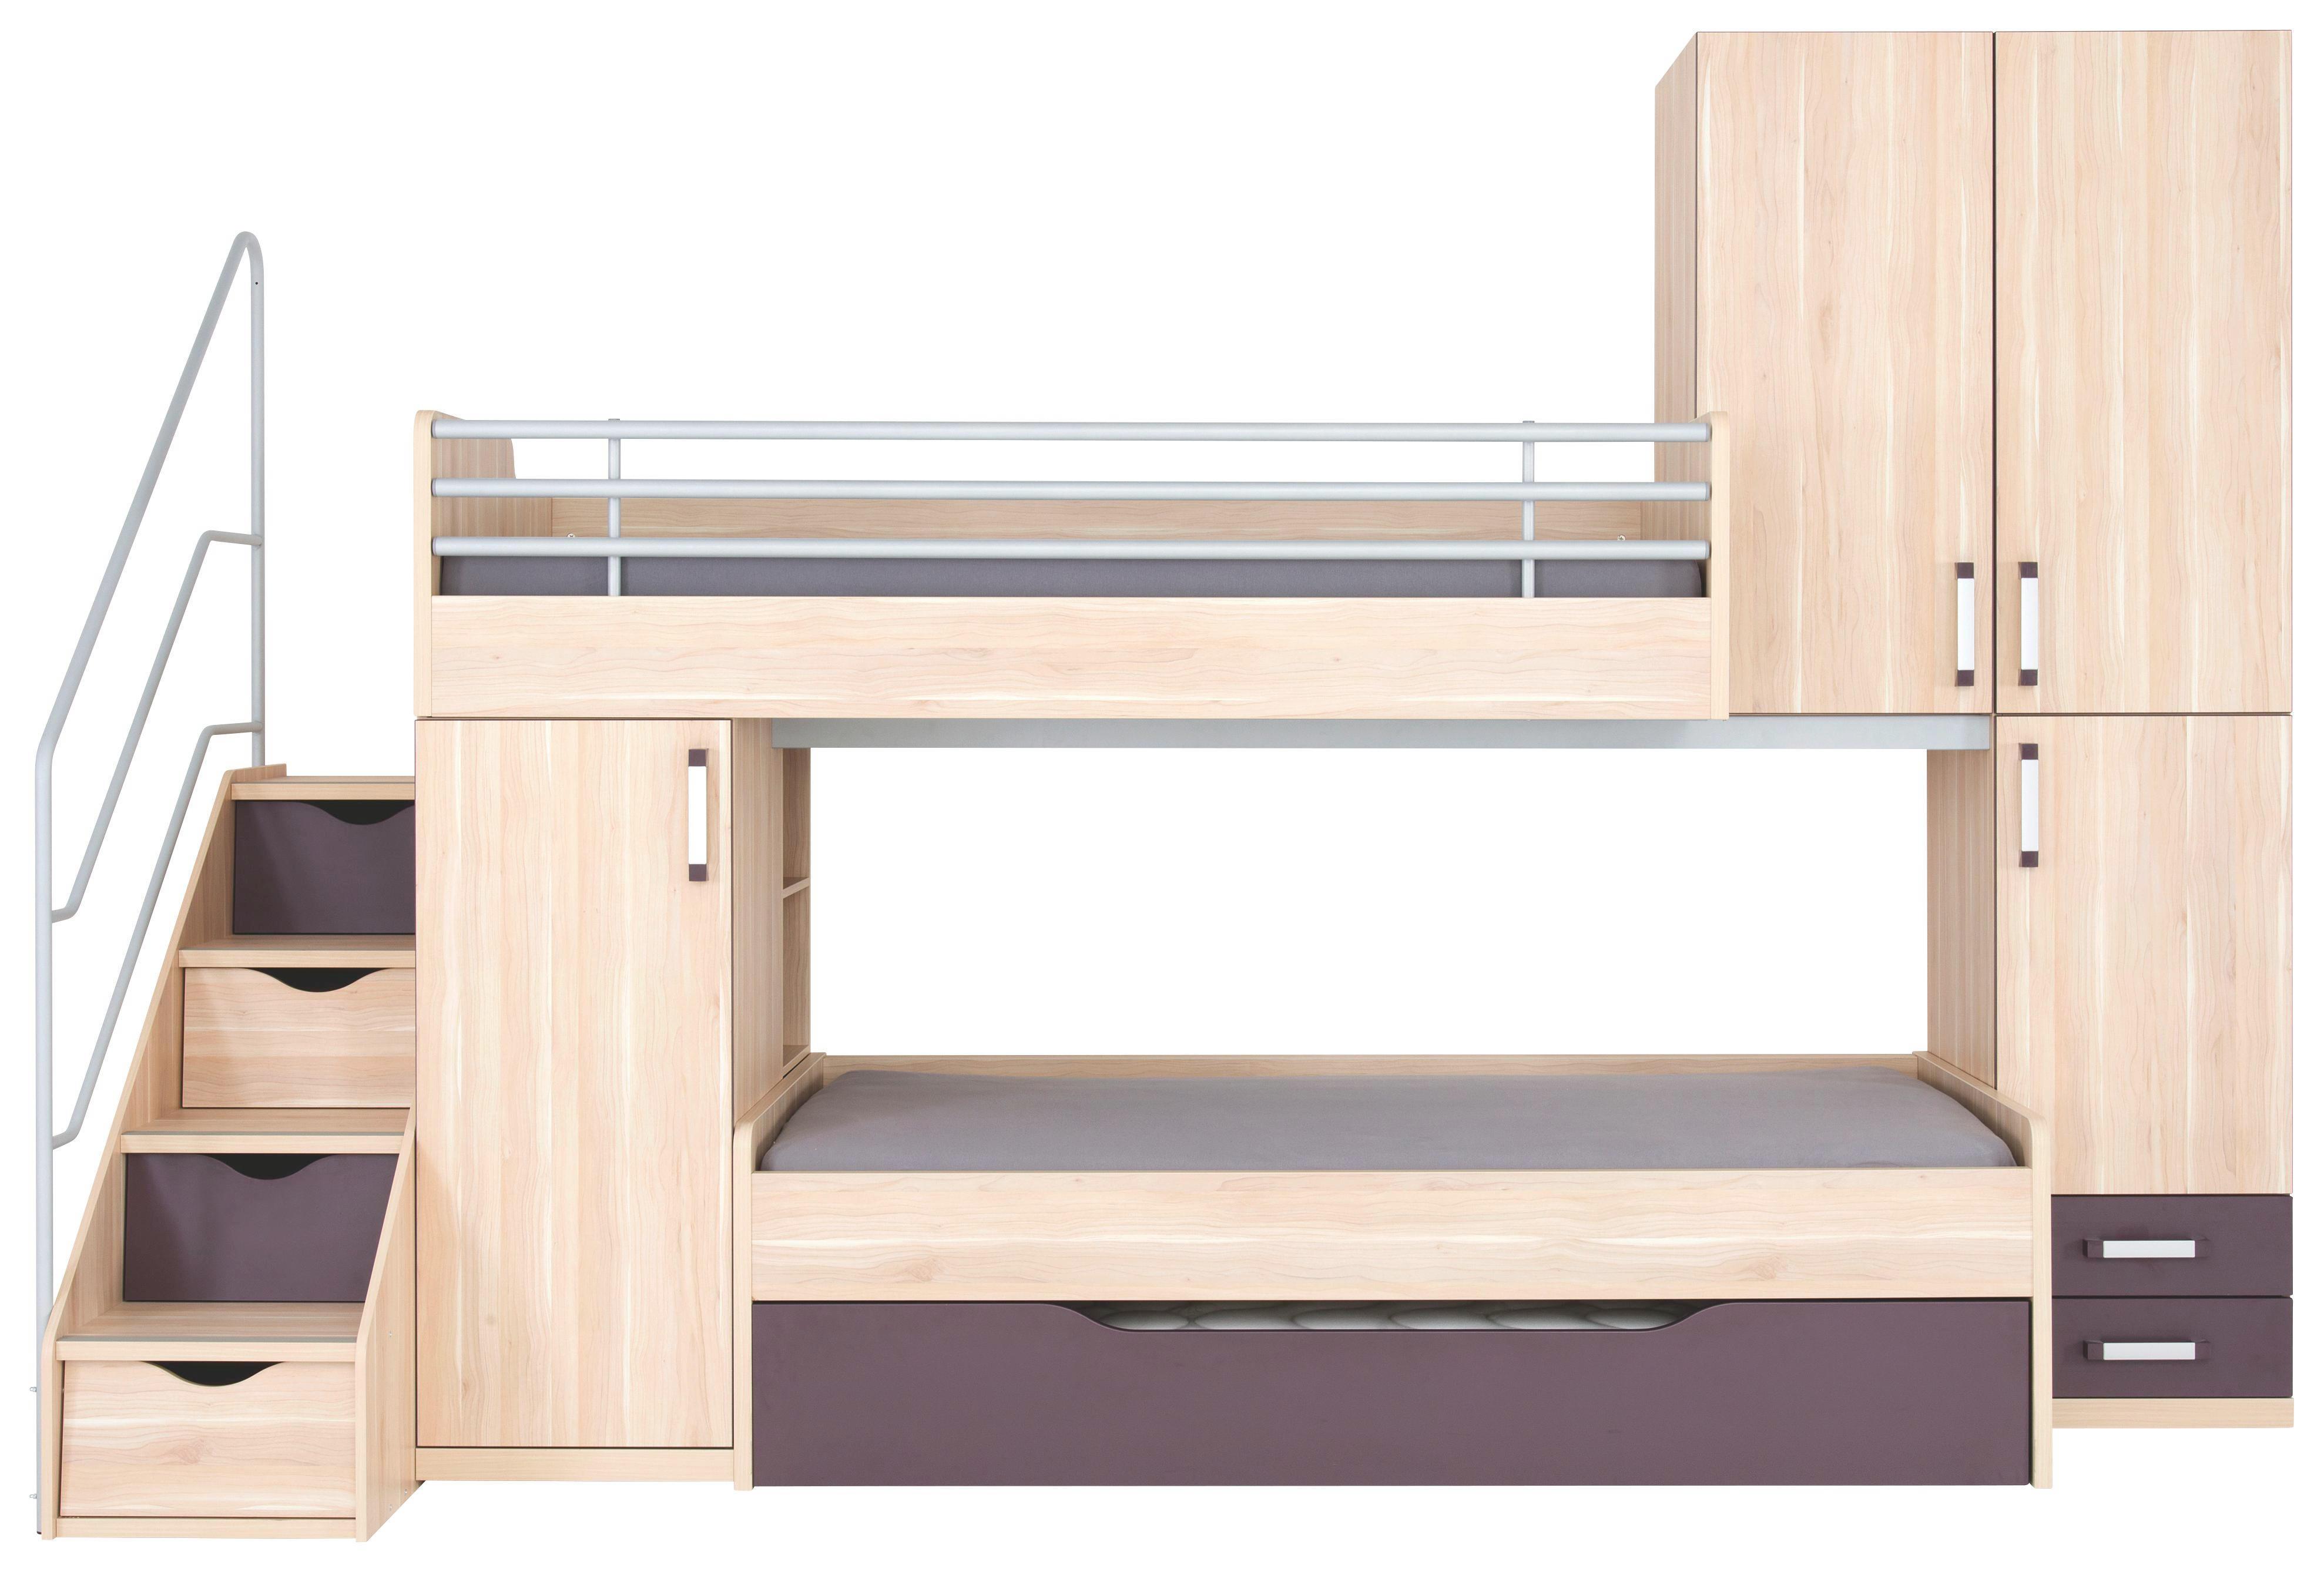 JUGENDZIMMER - Apfelbaumfarben/Aubergine, KONVENTIONELL, Holzwerkstoff (356/235/132cm) - PRENNEIS